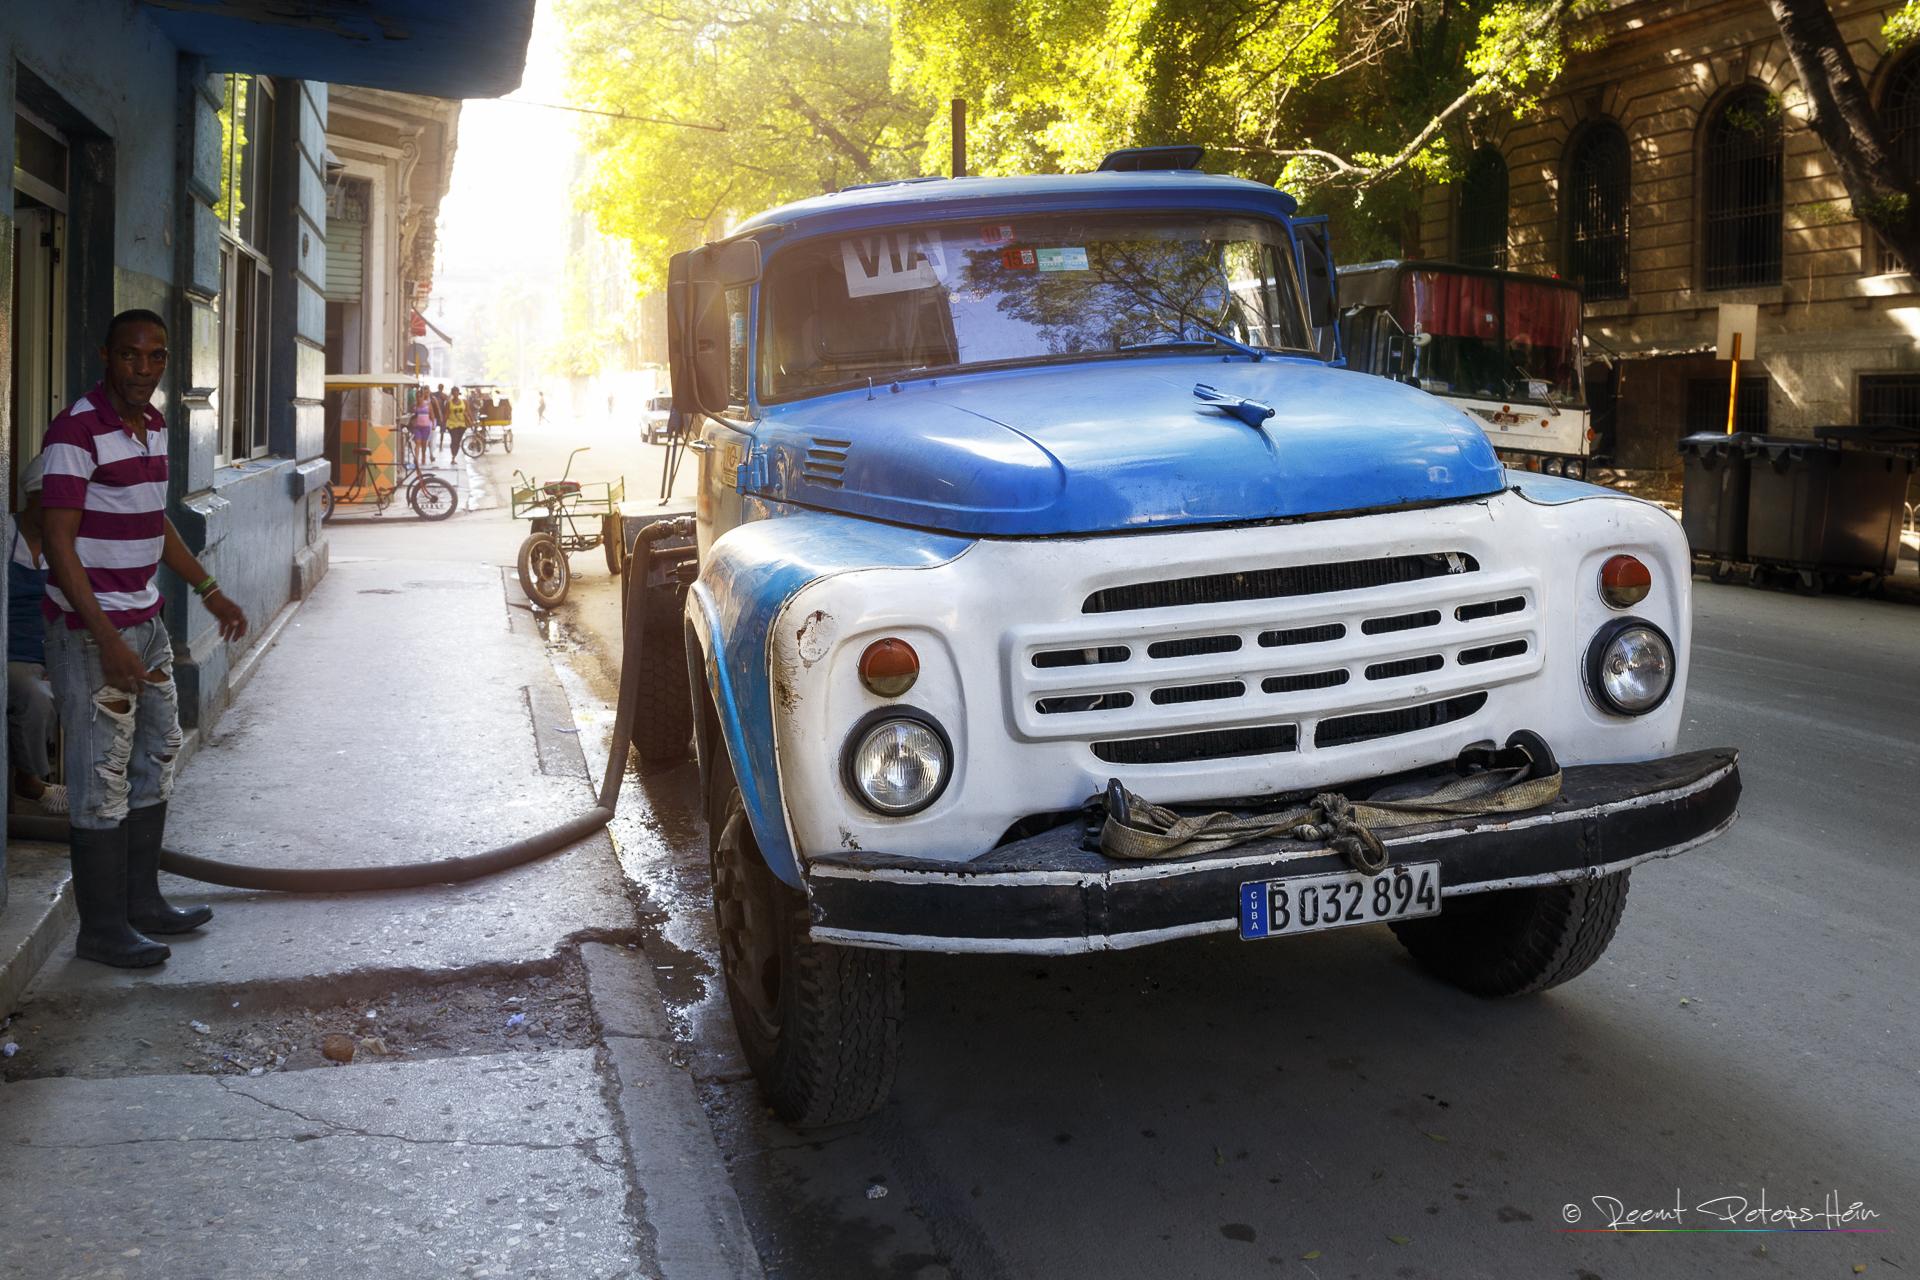 Old Truck in Havana, Cuba